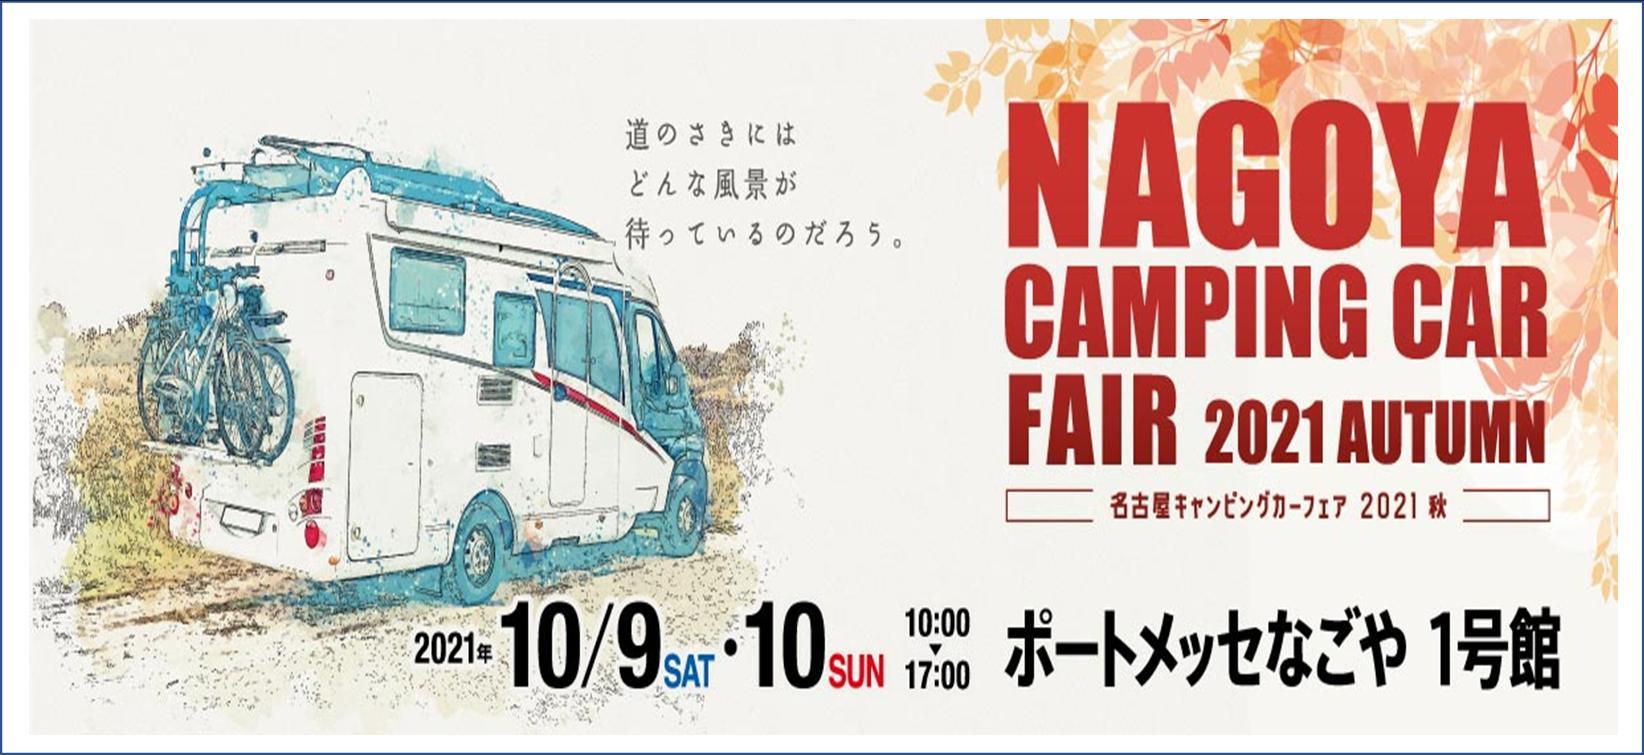 名古屋キャンピングカーフェア2021秋 inポートメッセ名古屋